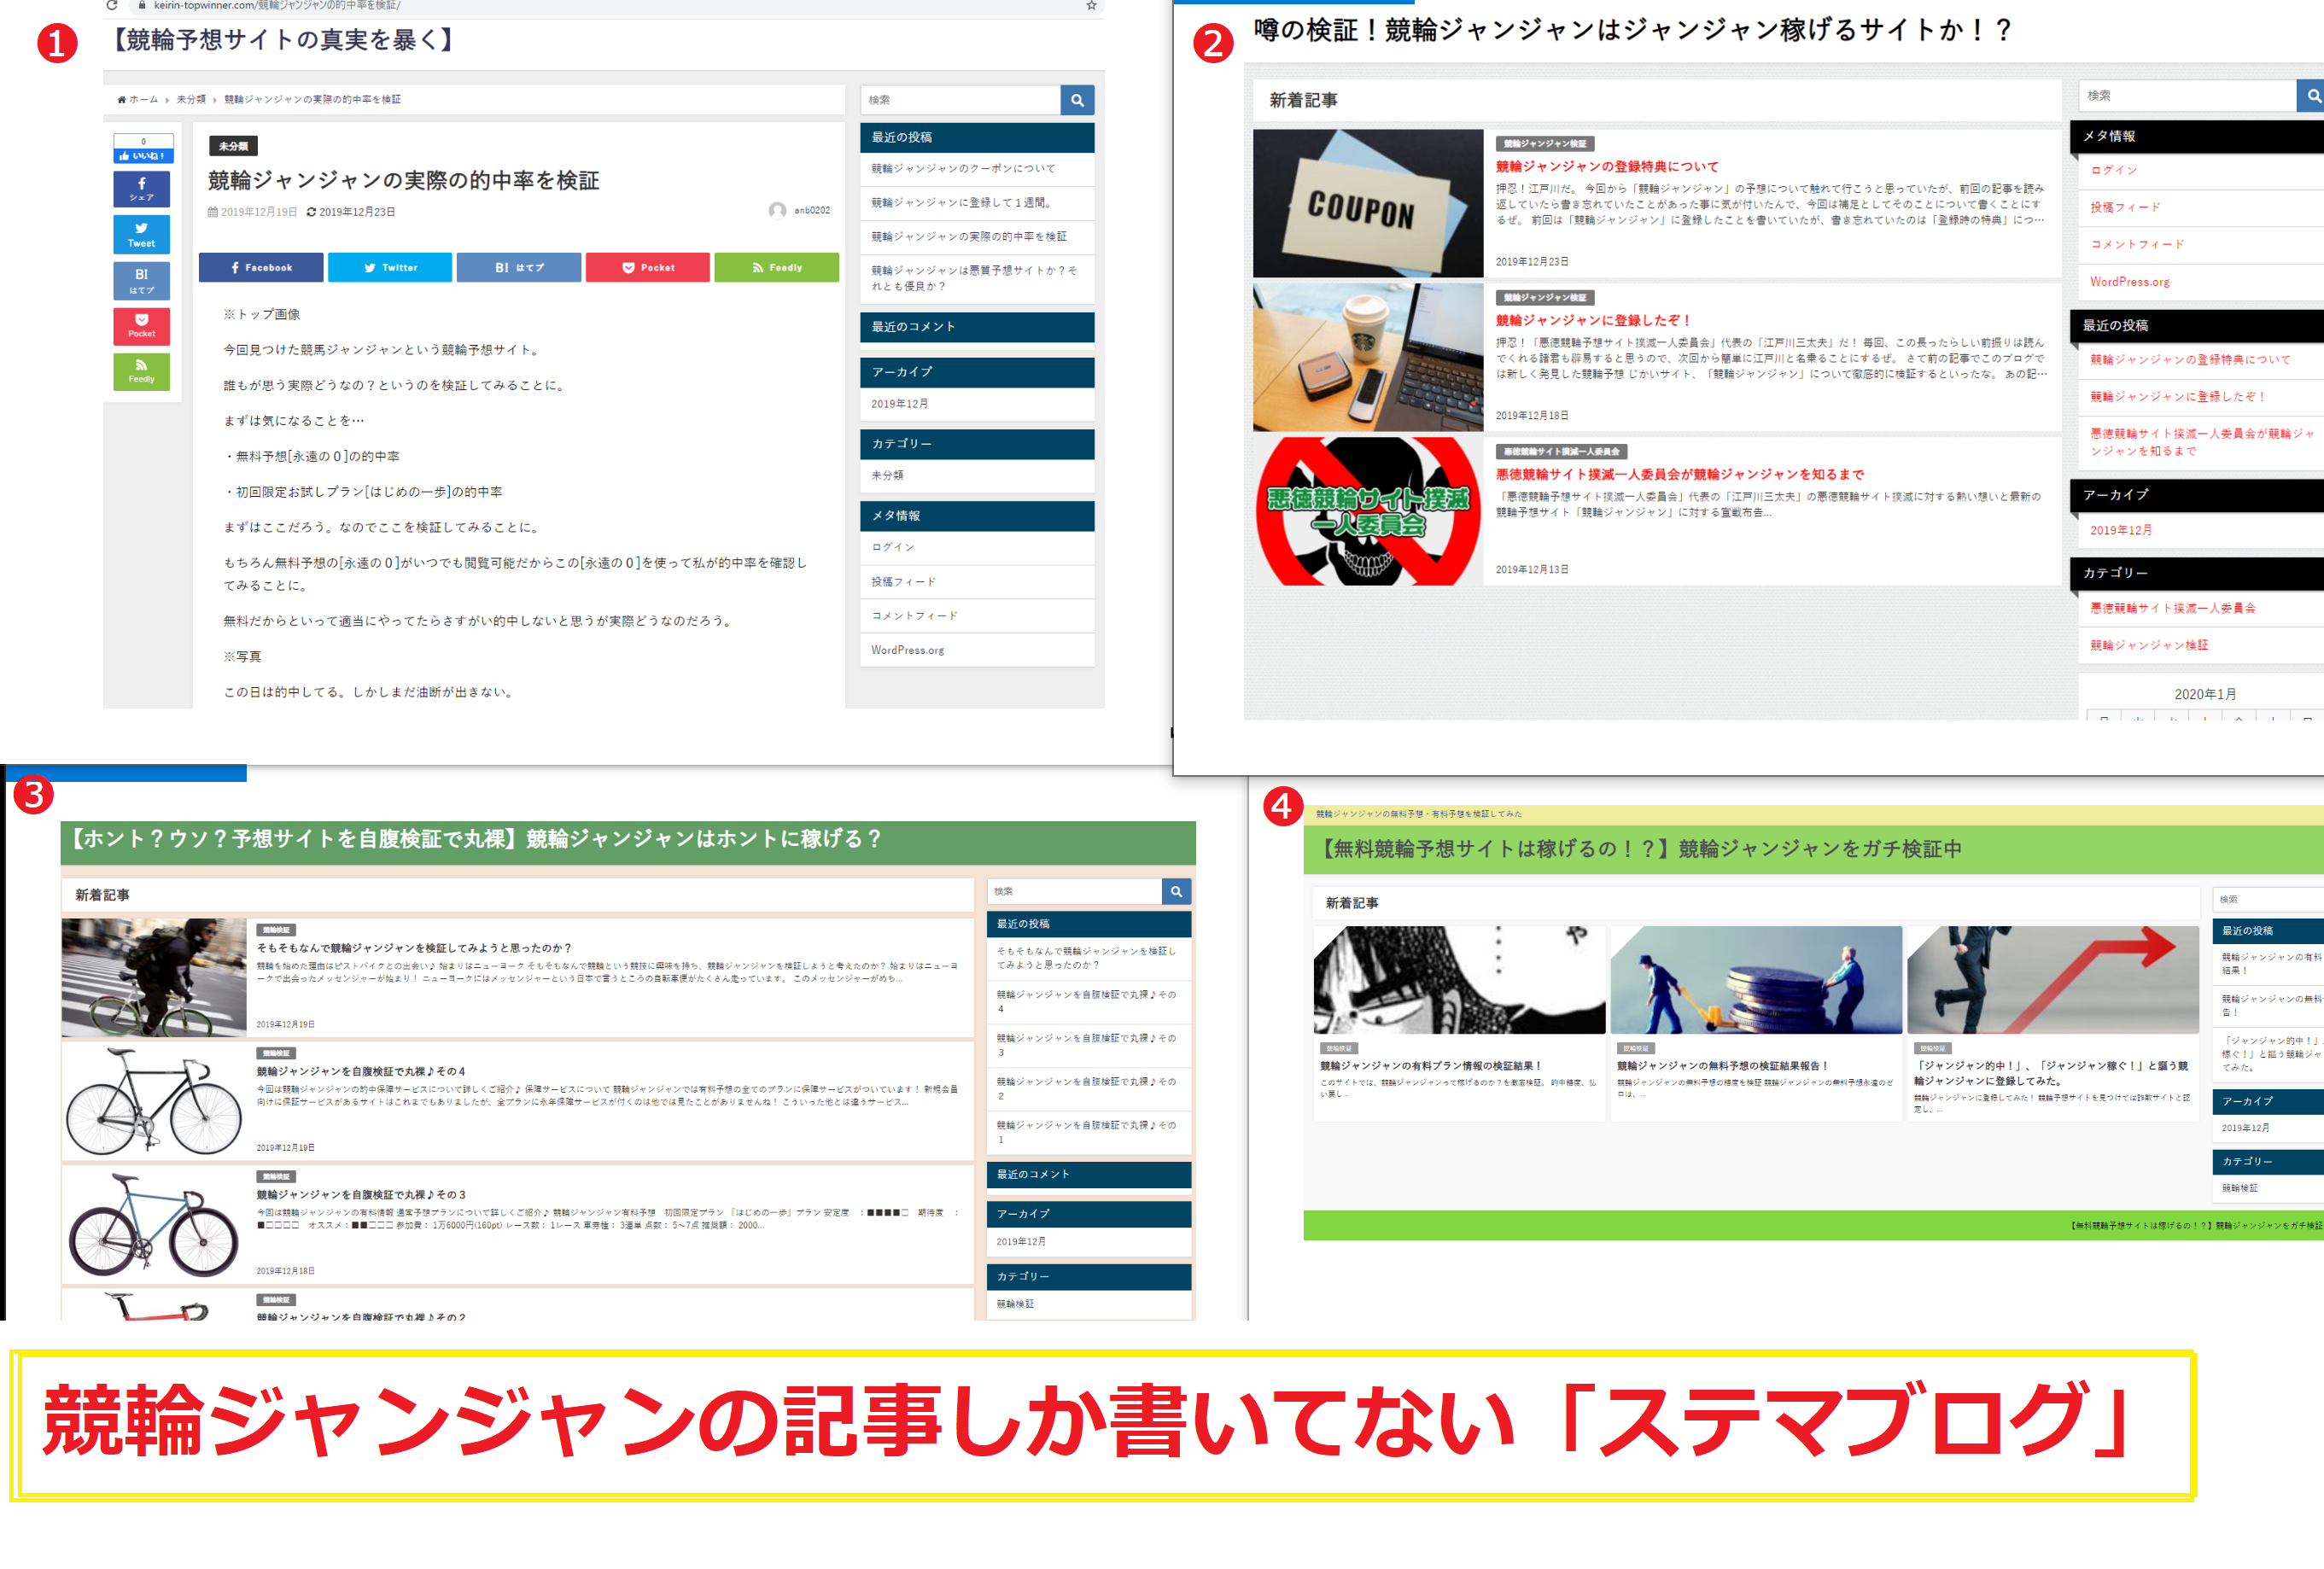 競輪予想サイト「競輪ジャンジャン」がステマブログを運営している